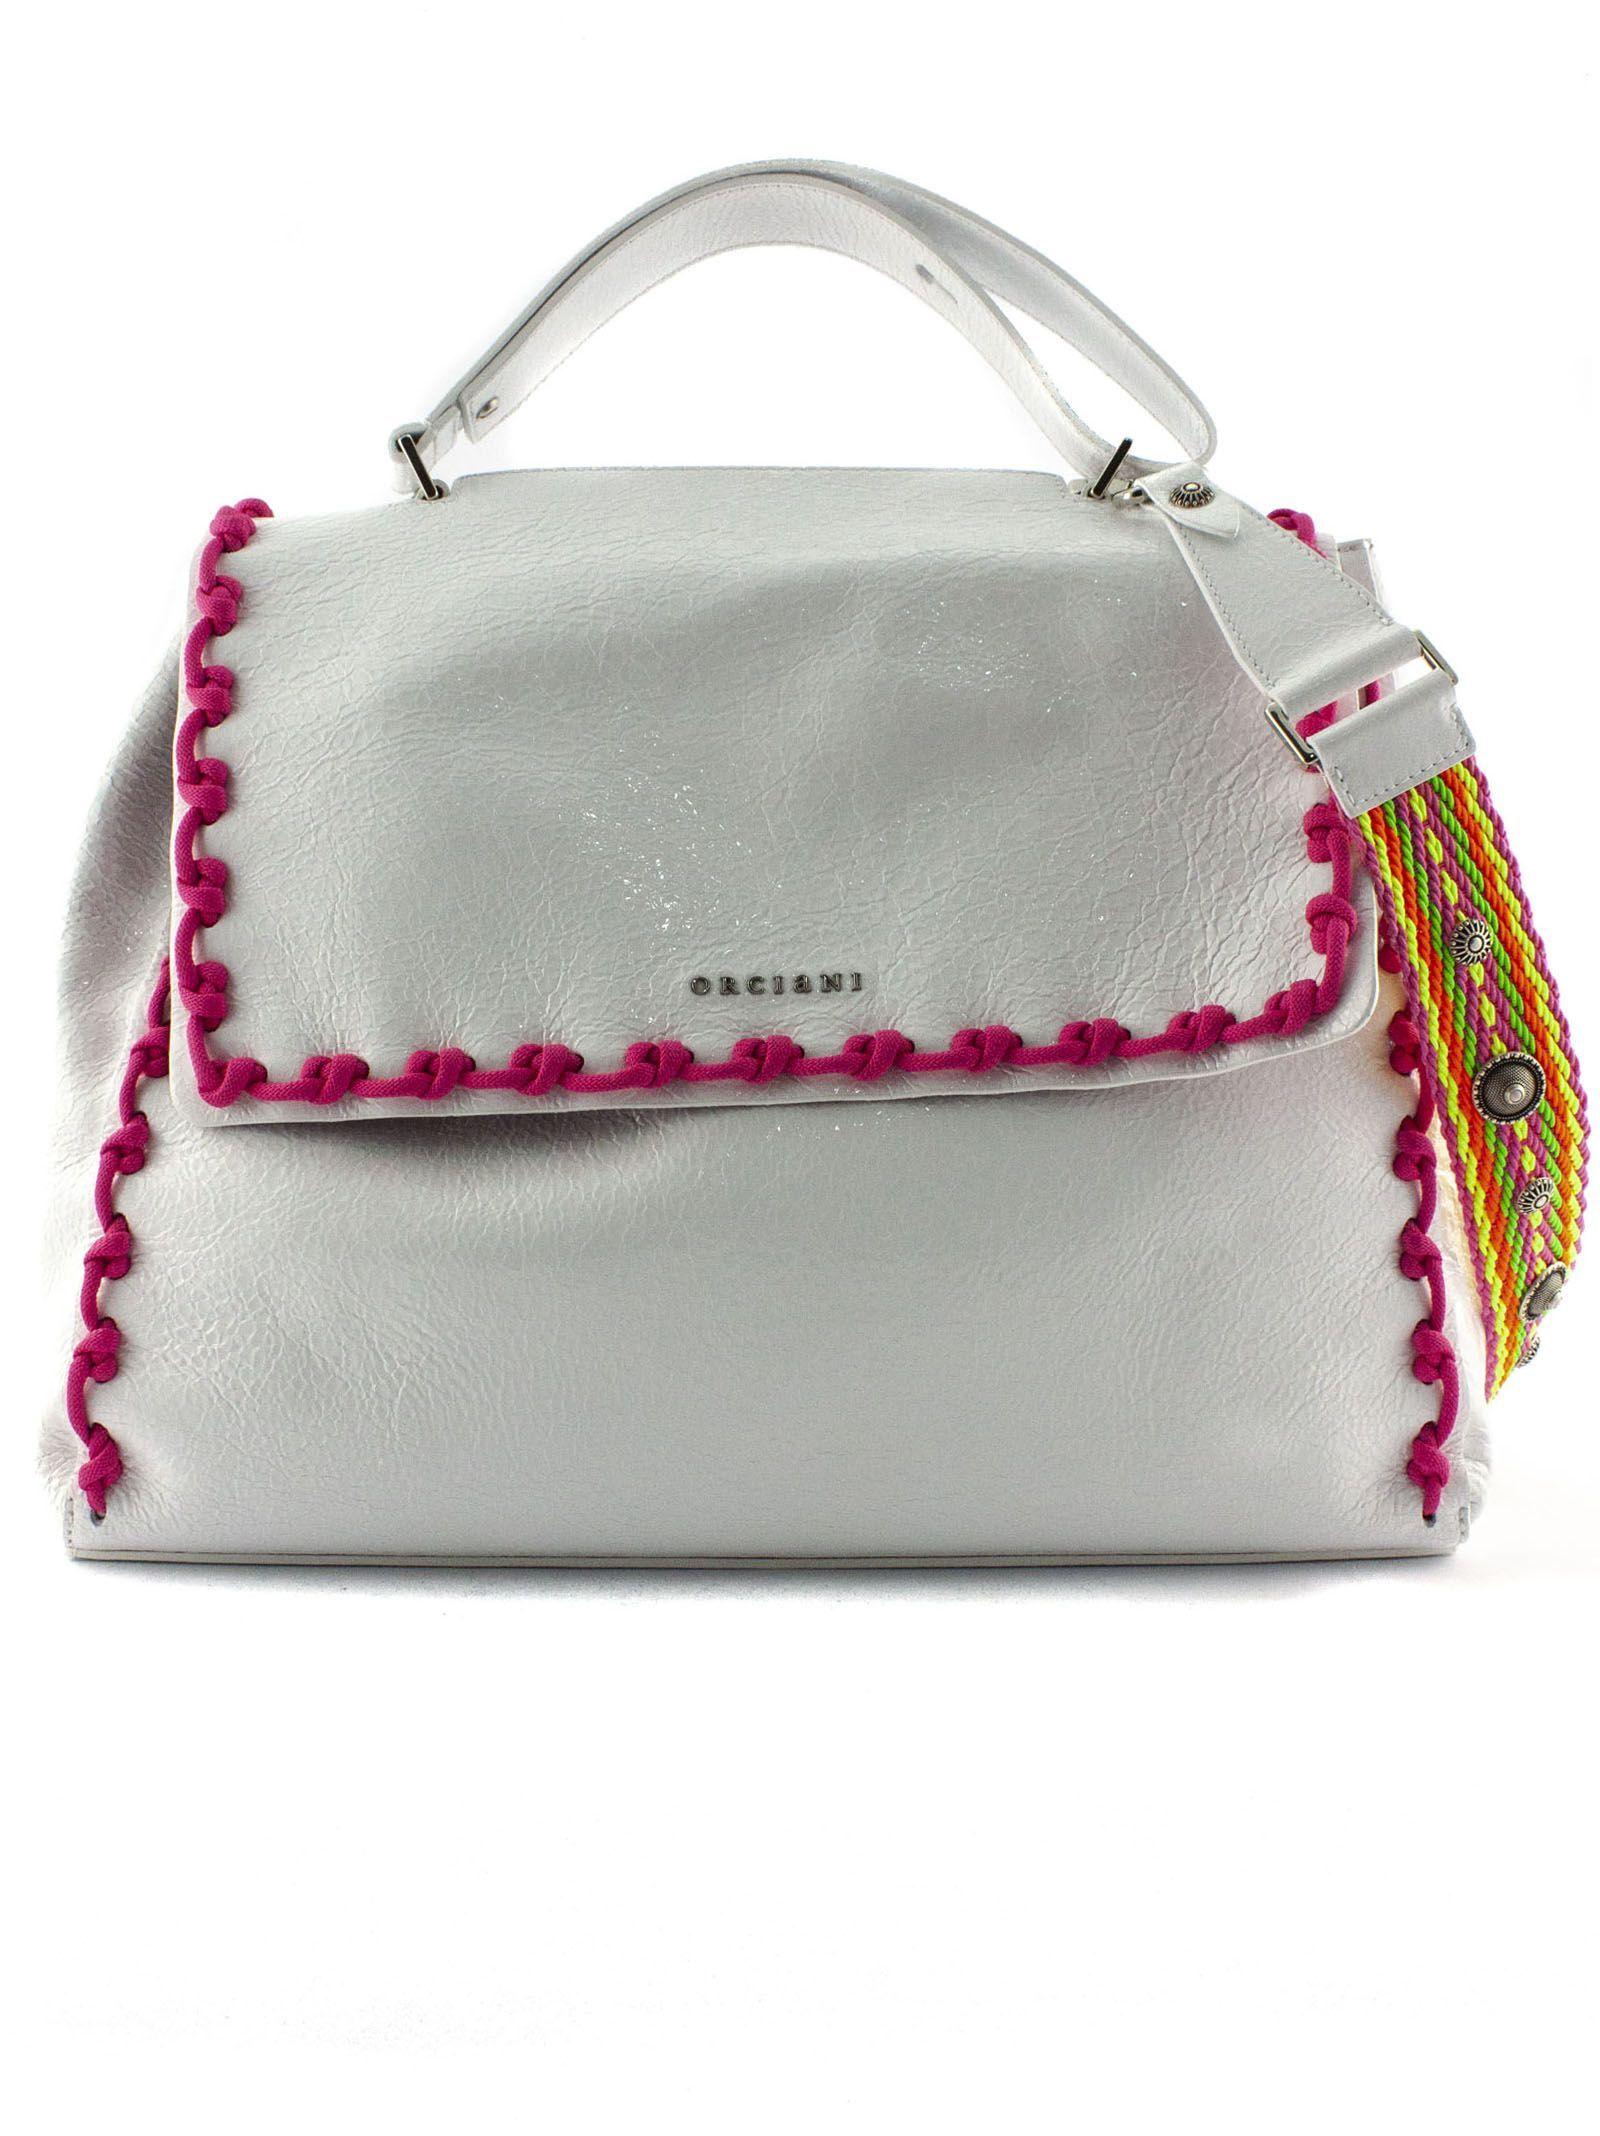 Orciani White Leather Sveva Large Bag  cba2bfdc4aa41